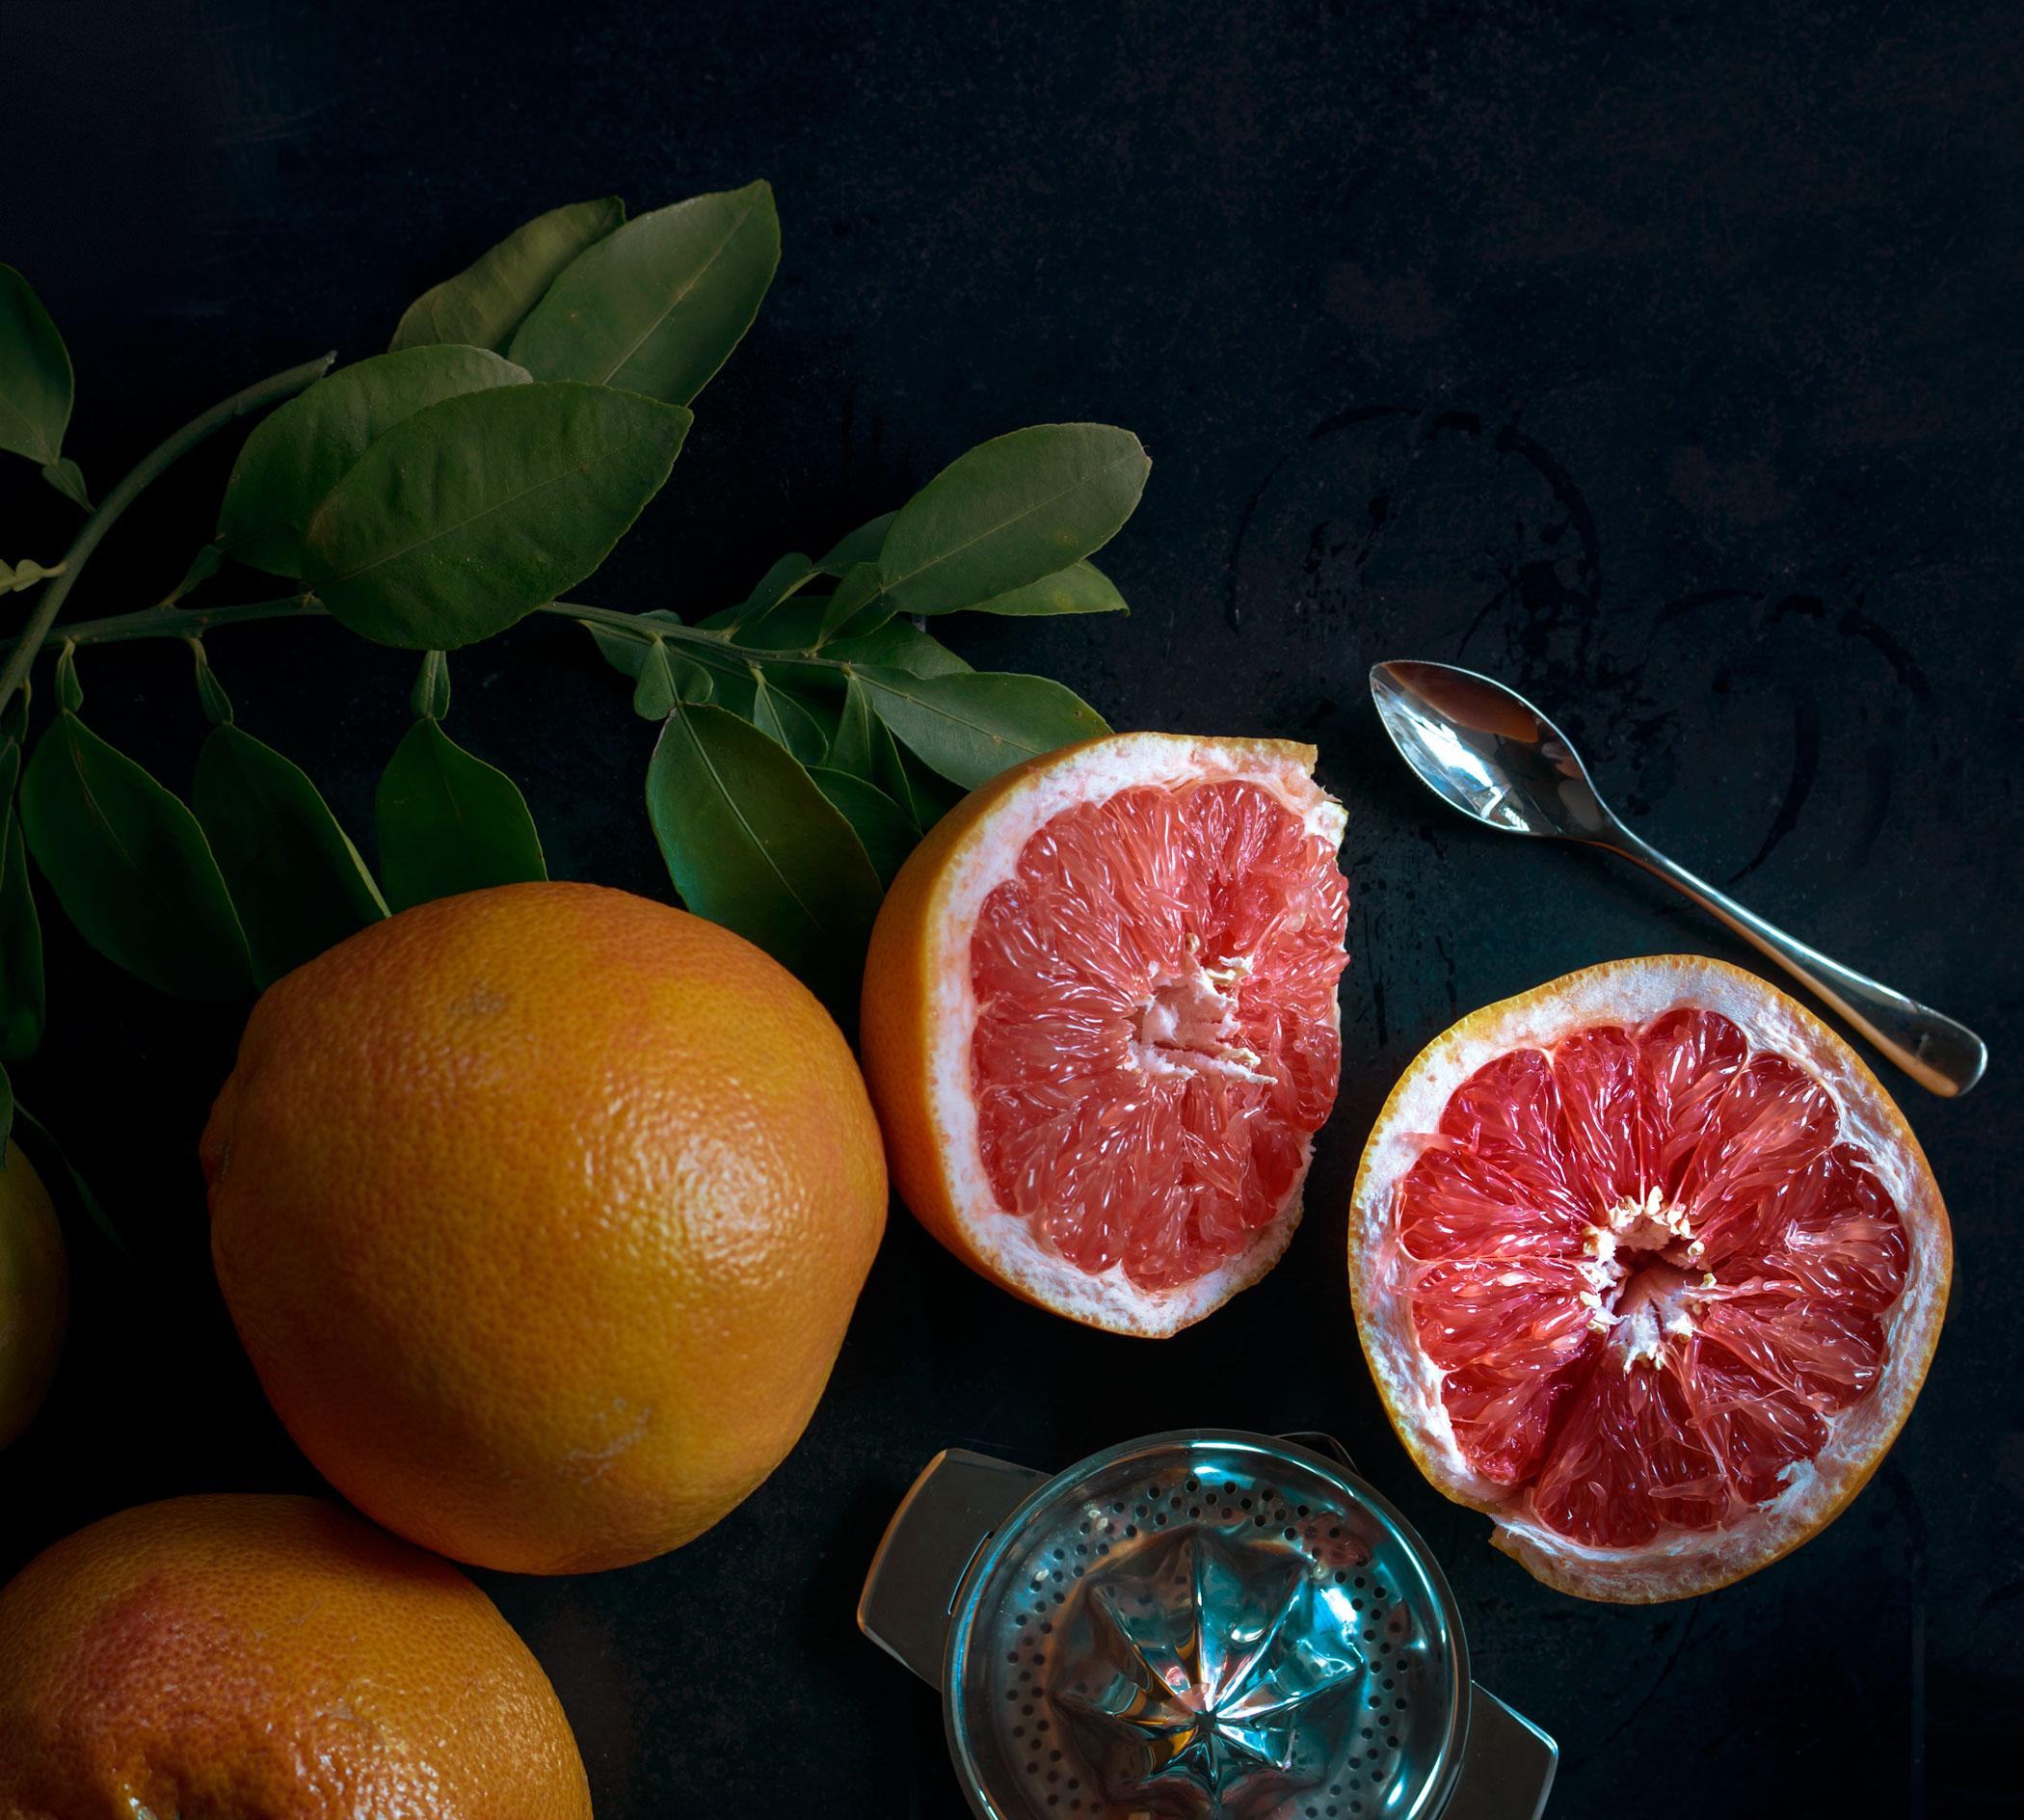 Картинка с грейпфрутом